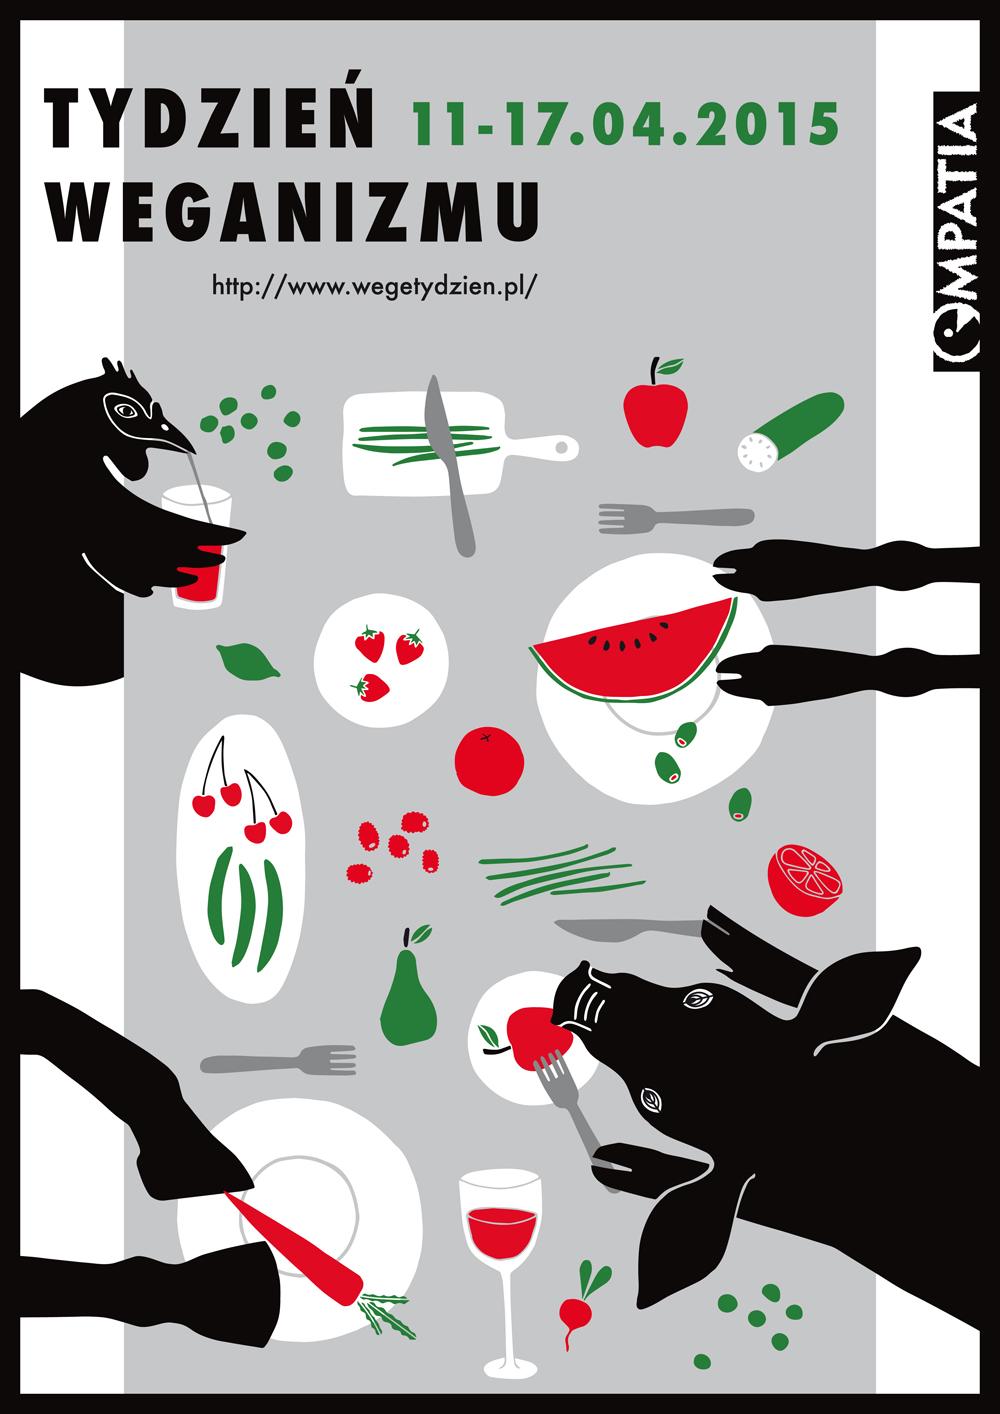 Tydzień weganizmu